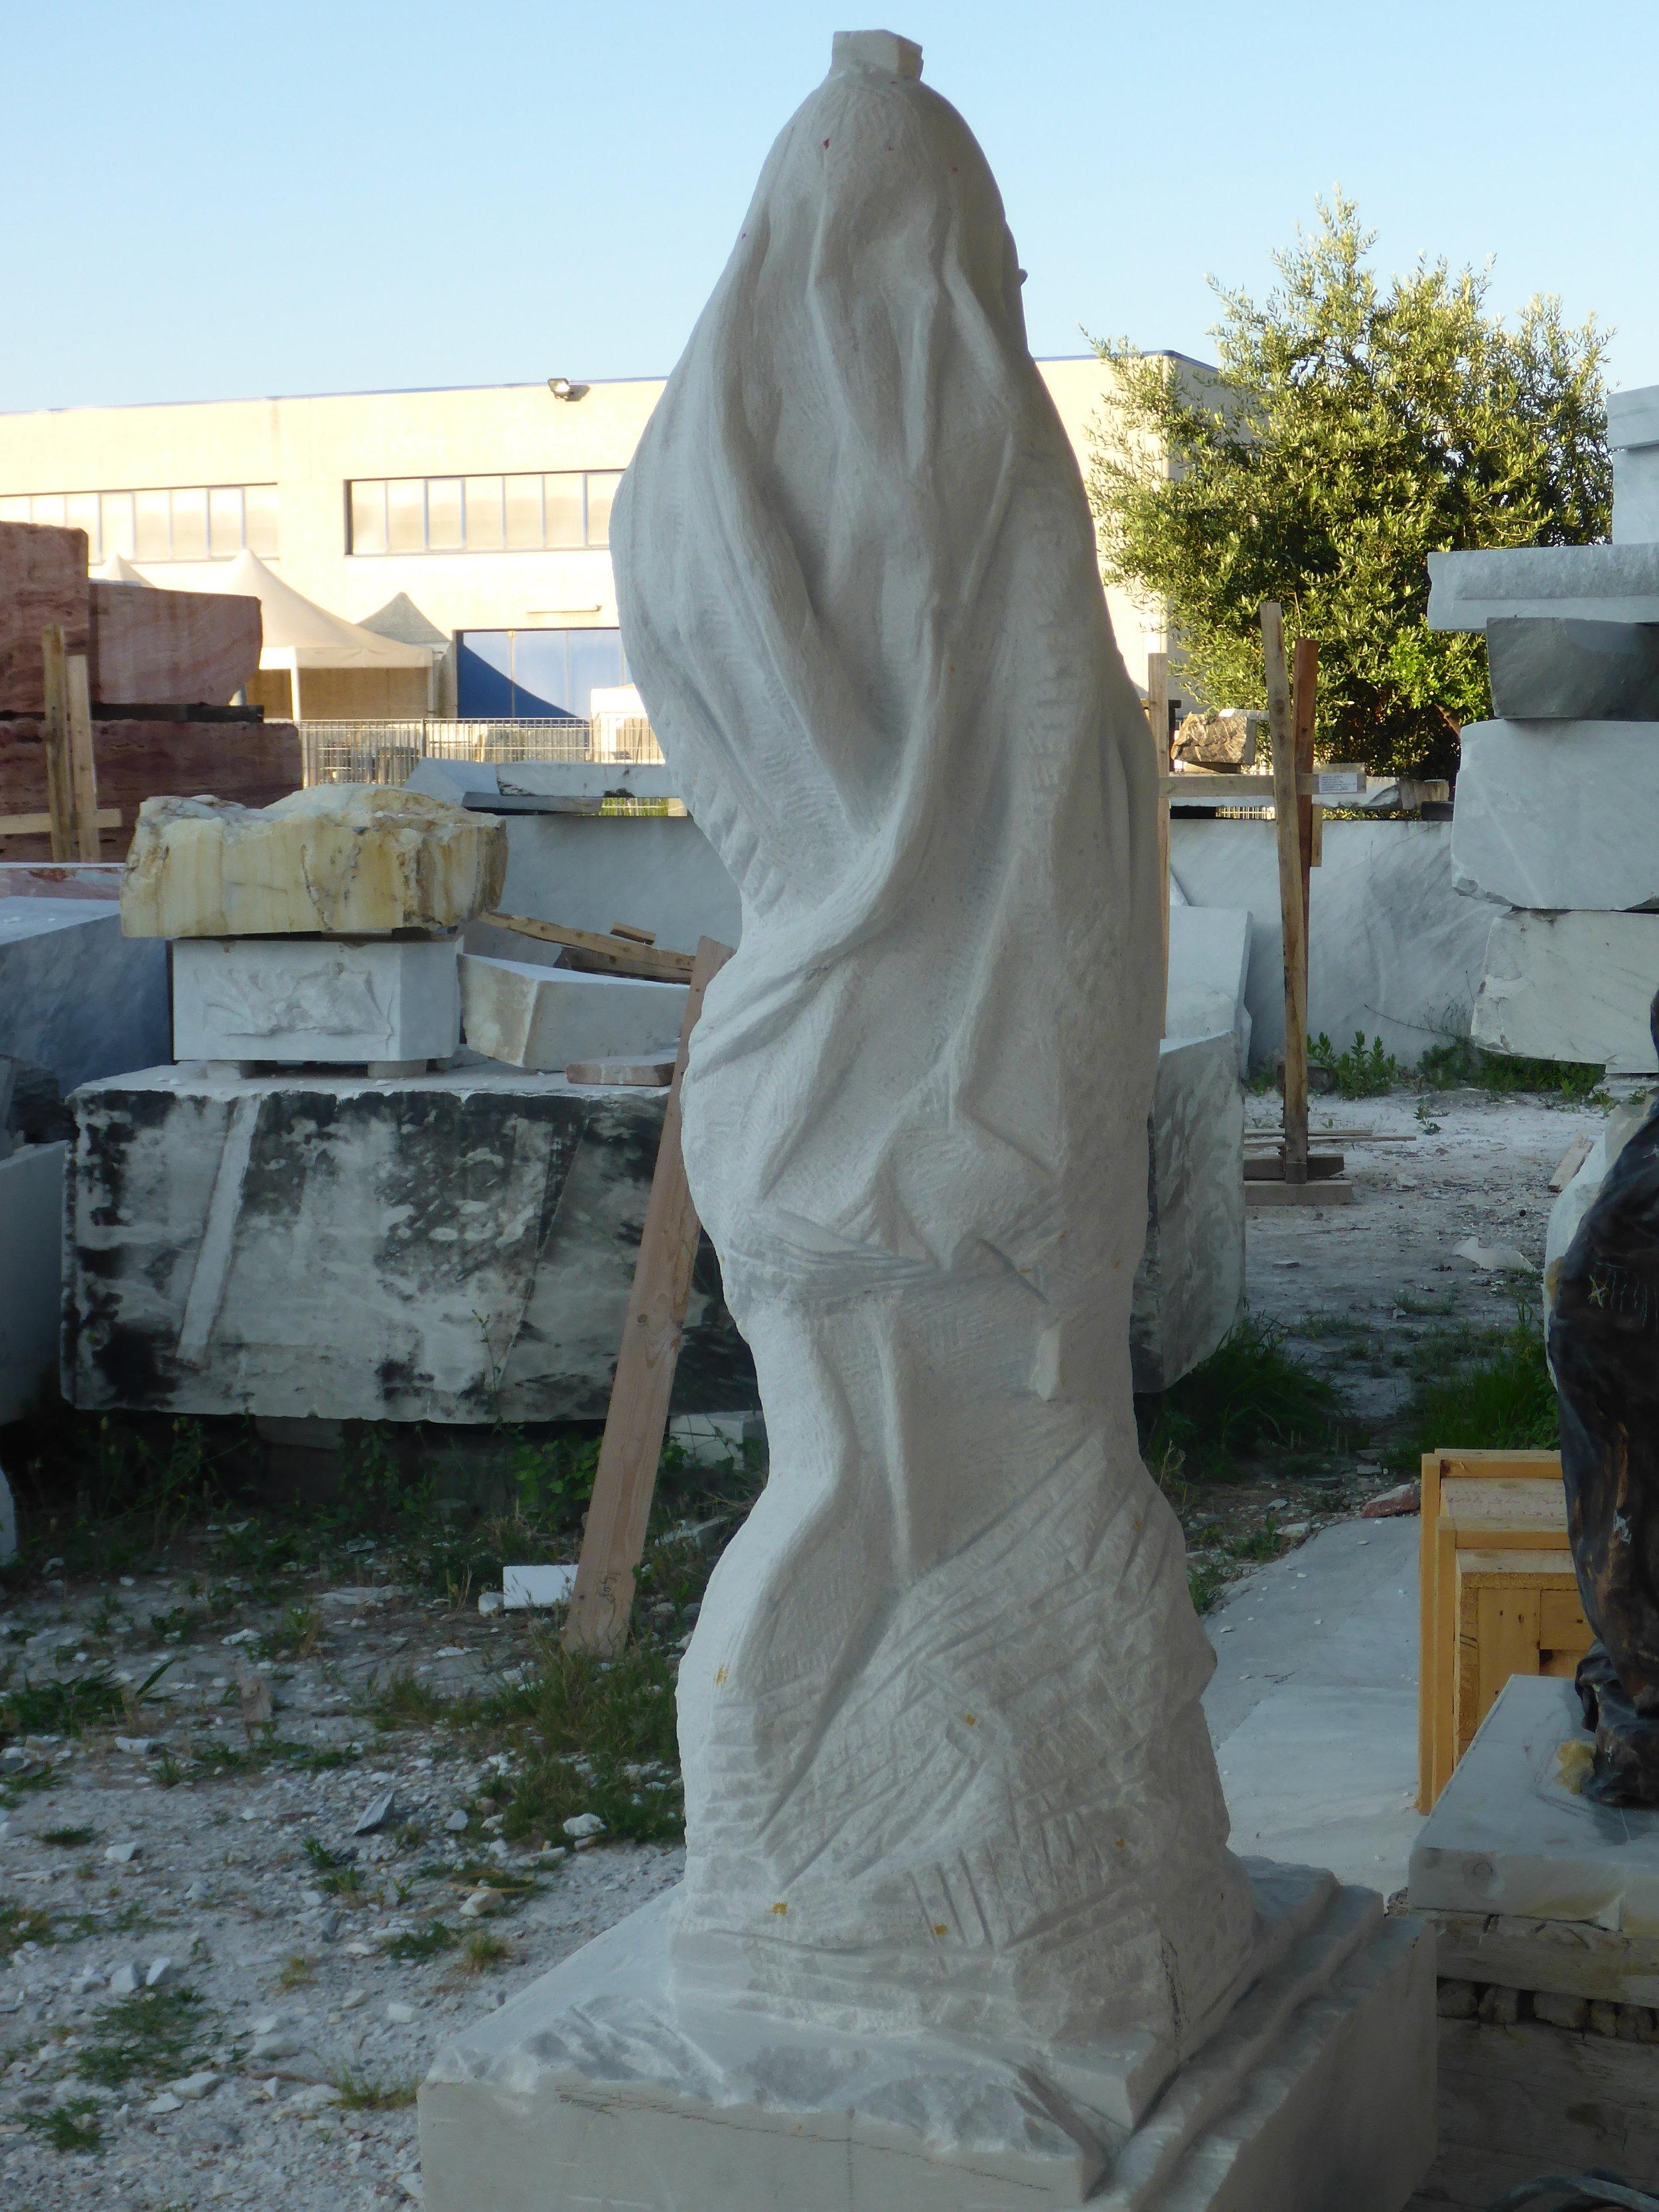 New-York-Academy-of-Art-Carrara-Residency-Josh-Henderson-Heena-Kim20140707_0127.JPG